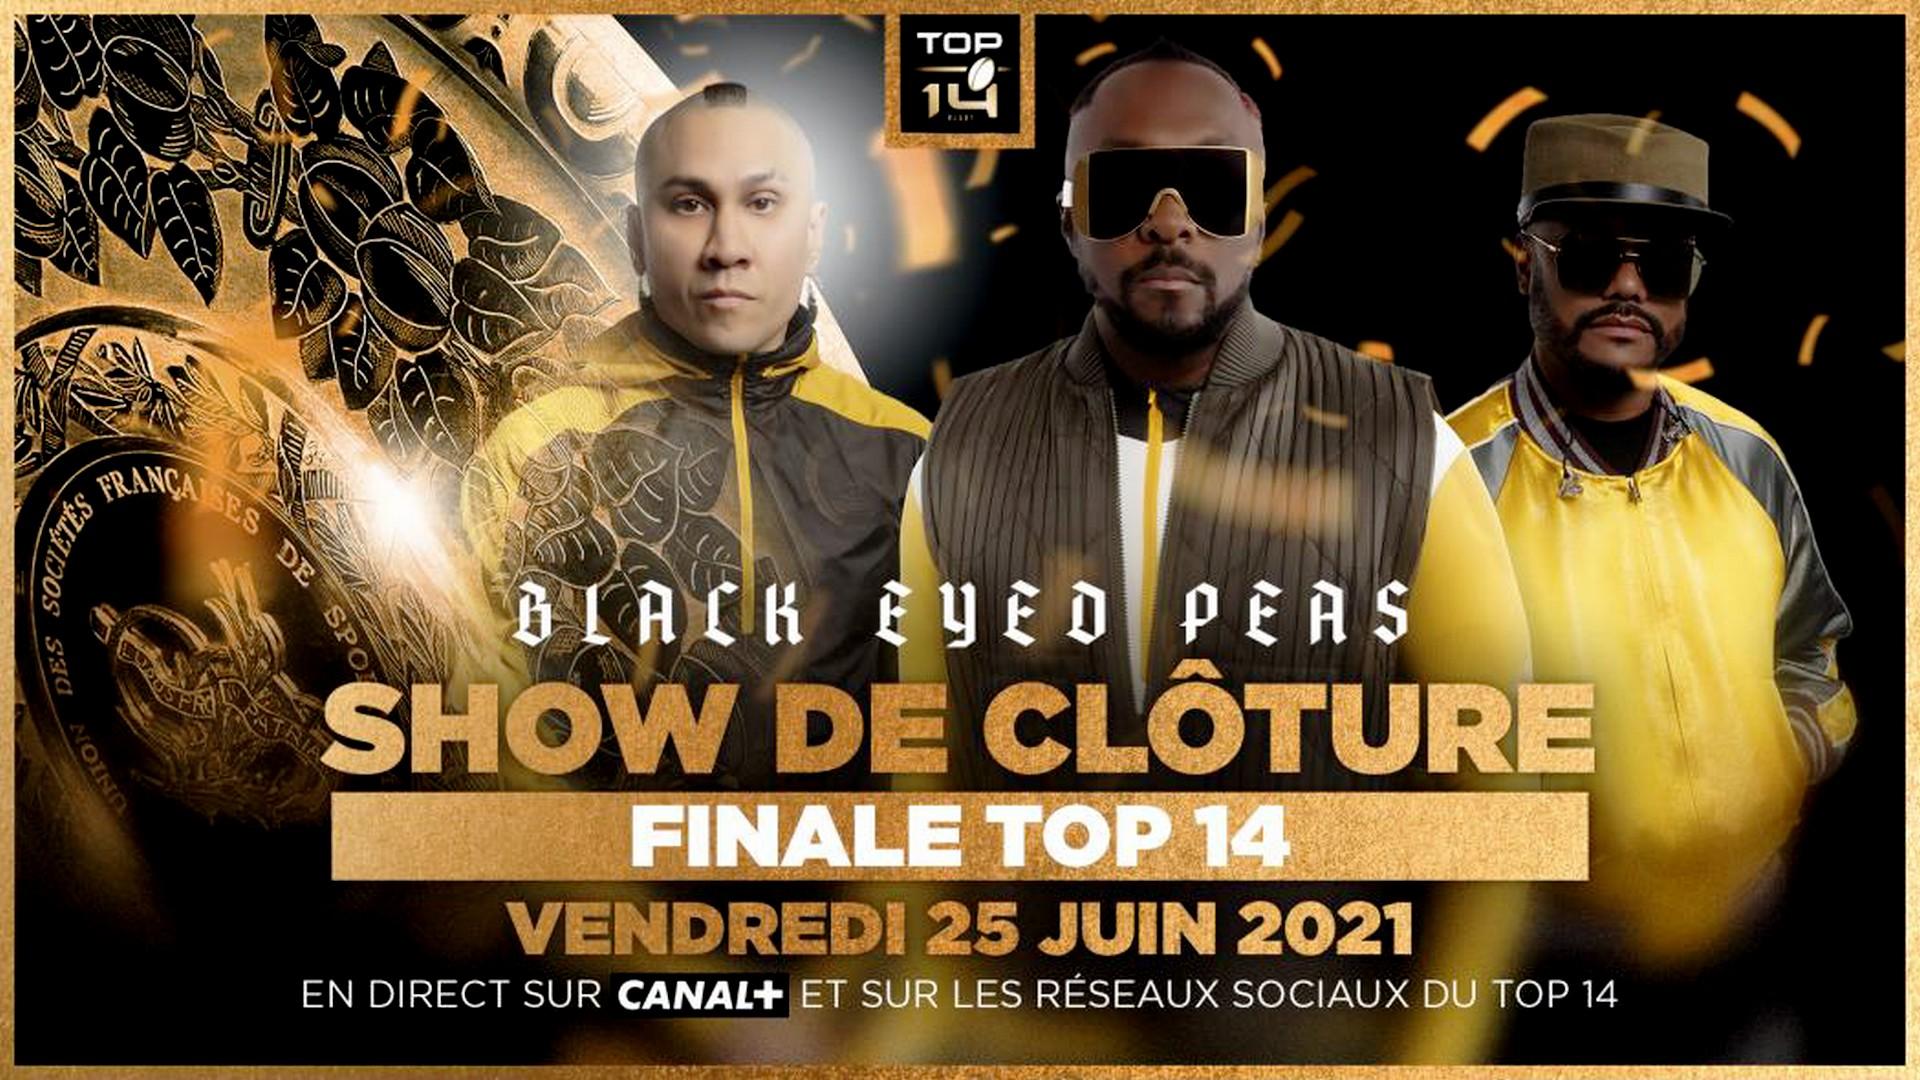 Black Eyed Peas Top 14